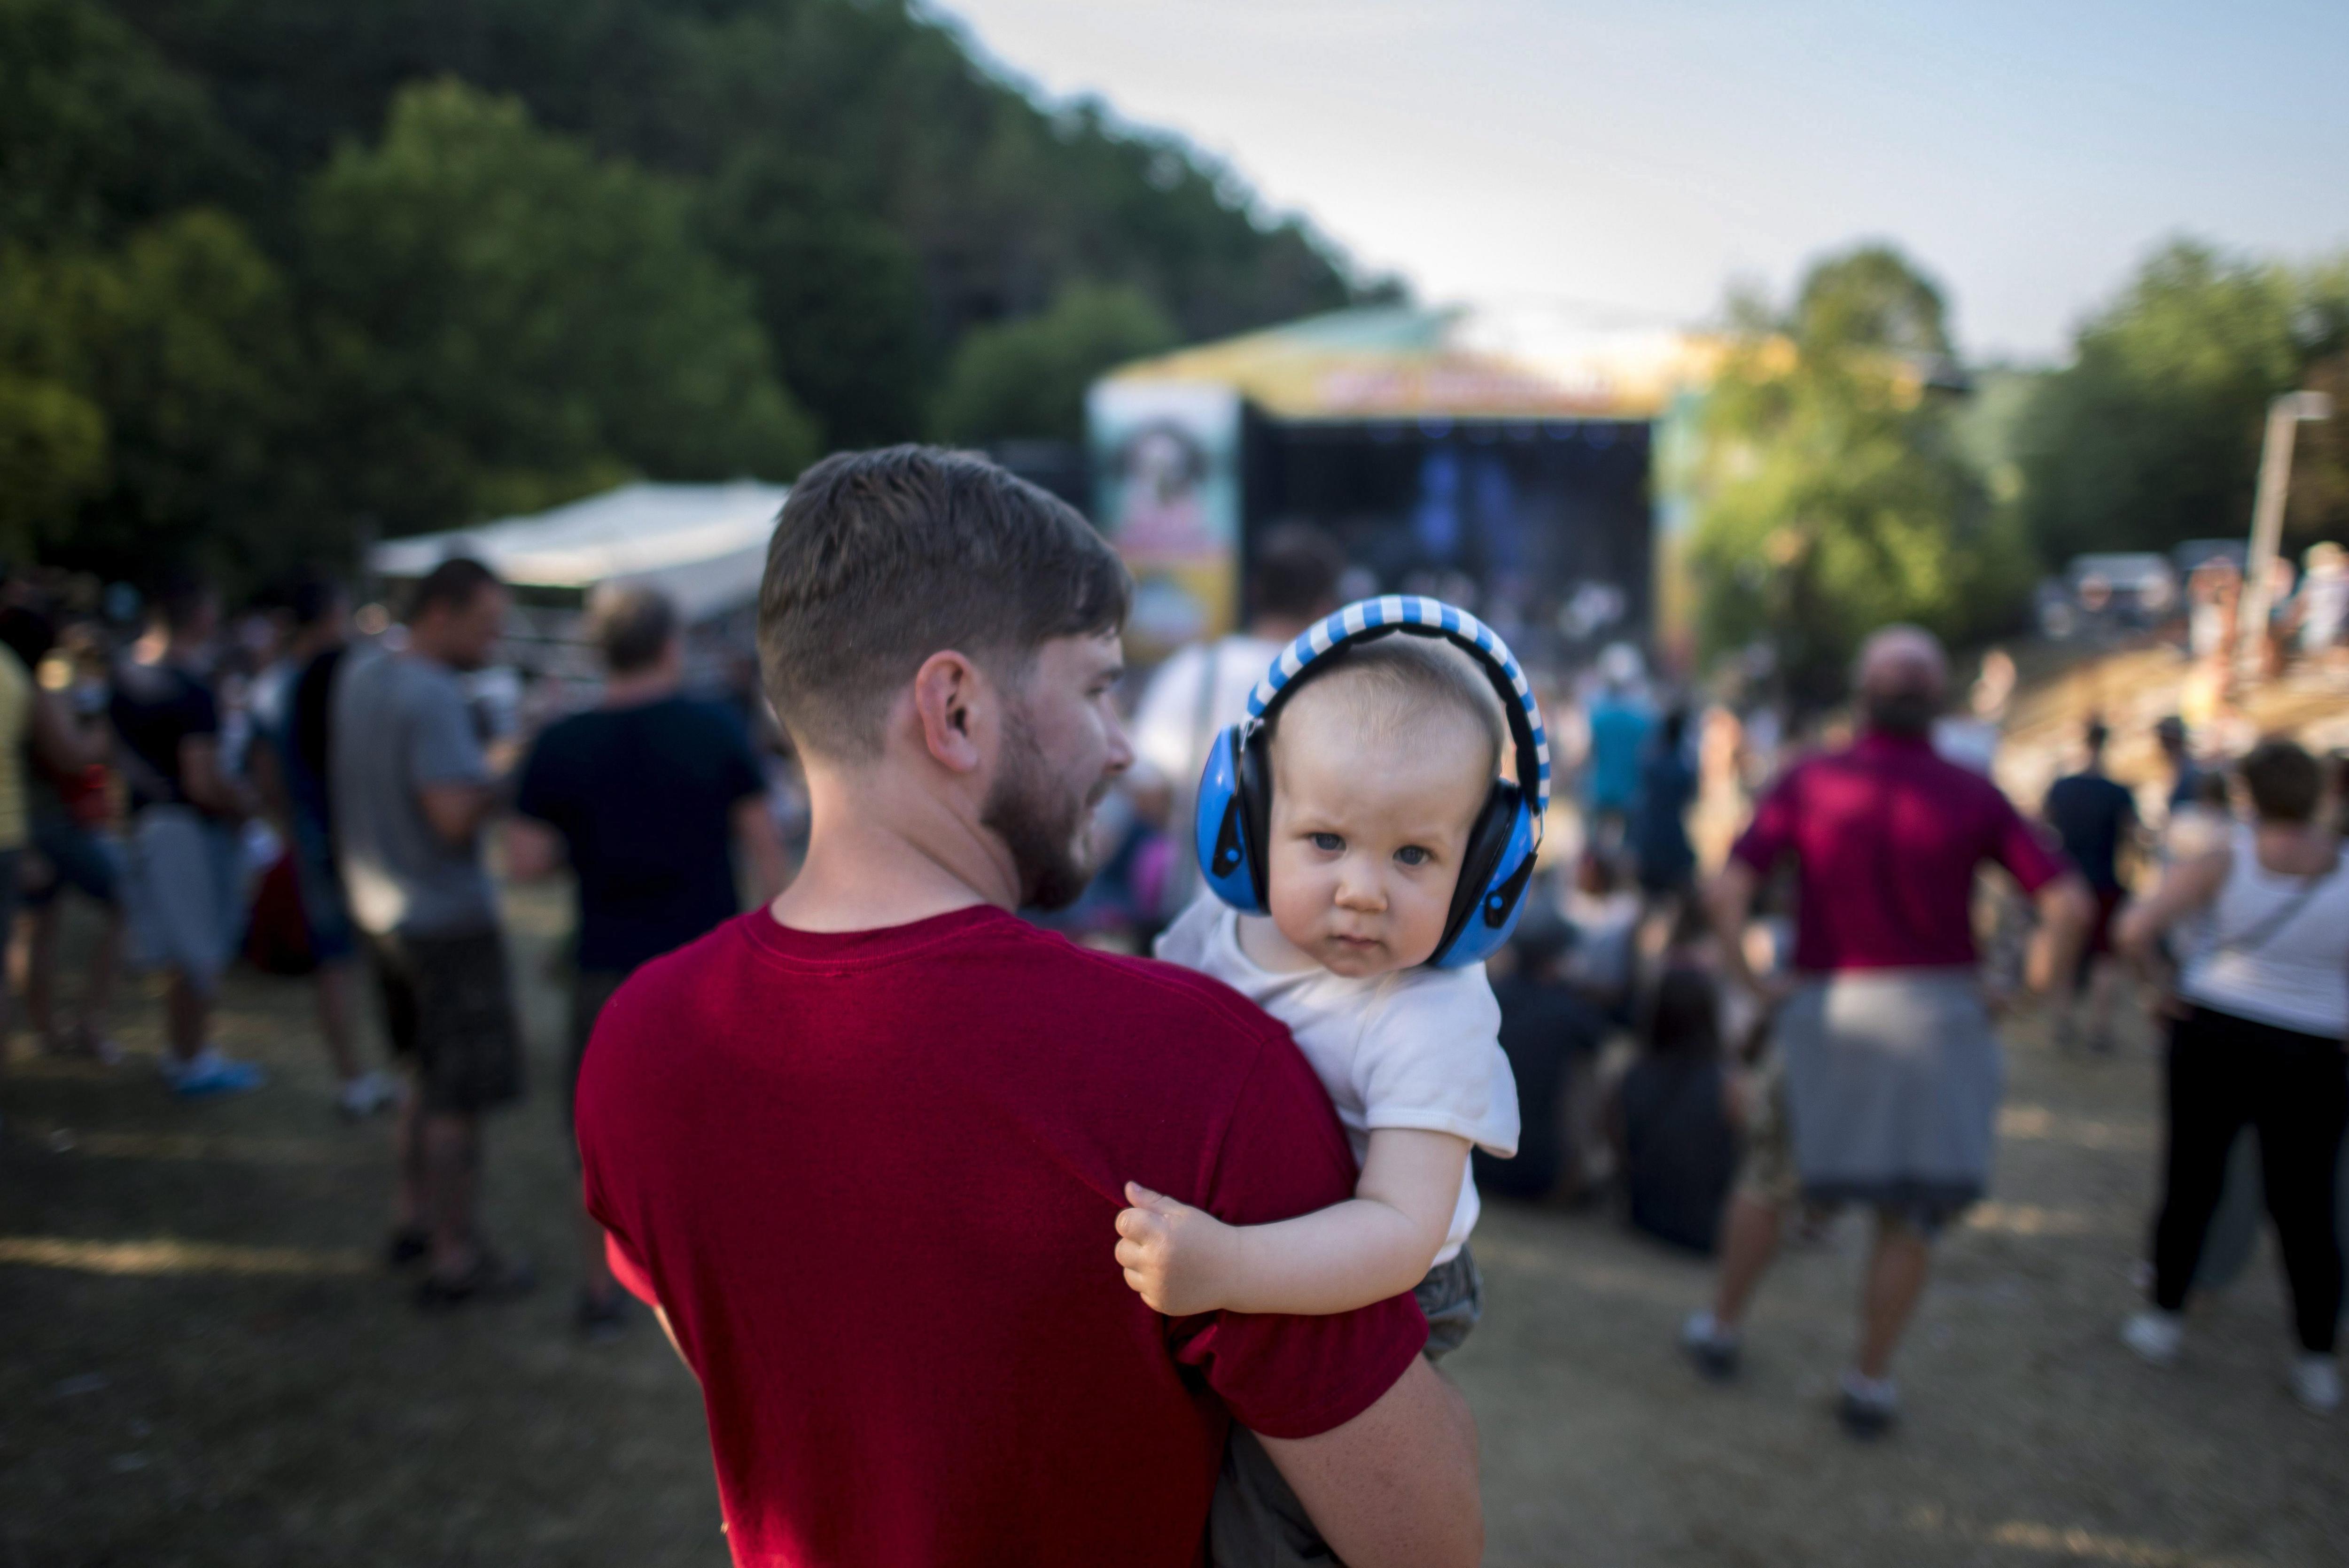 Un nadó empra protecció per a oïdes durant el concert de la banda hongaresa de ska Pannonia Allstars Ska Orchestra (PAS) en el tercer dia del festival 'Fishing on Orfu 2017' a Budapest (Hongria). /TAMAS SOKI